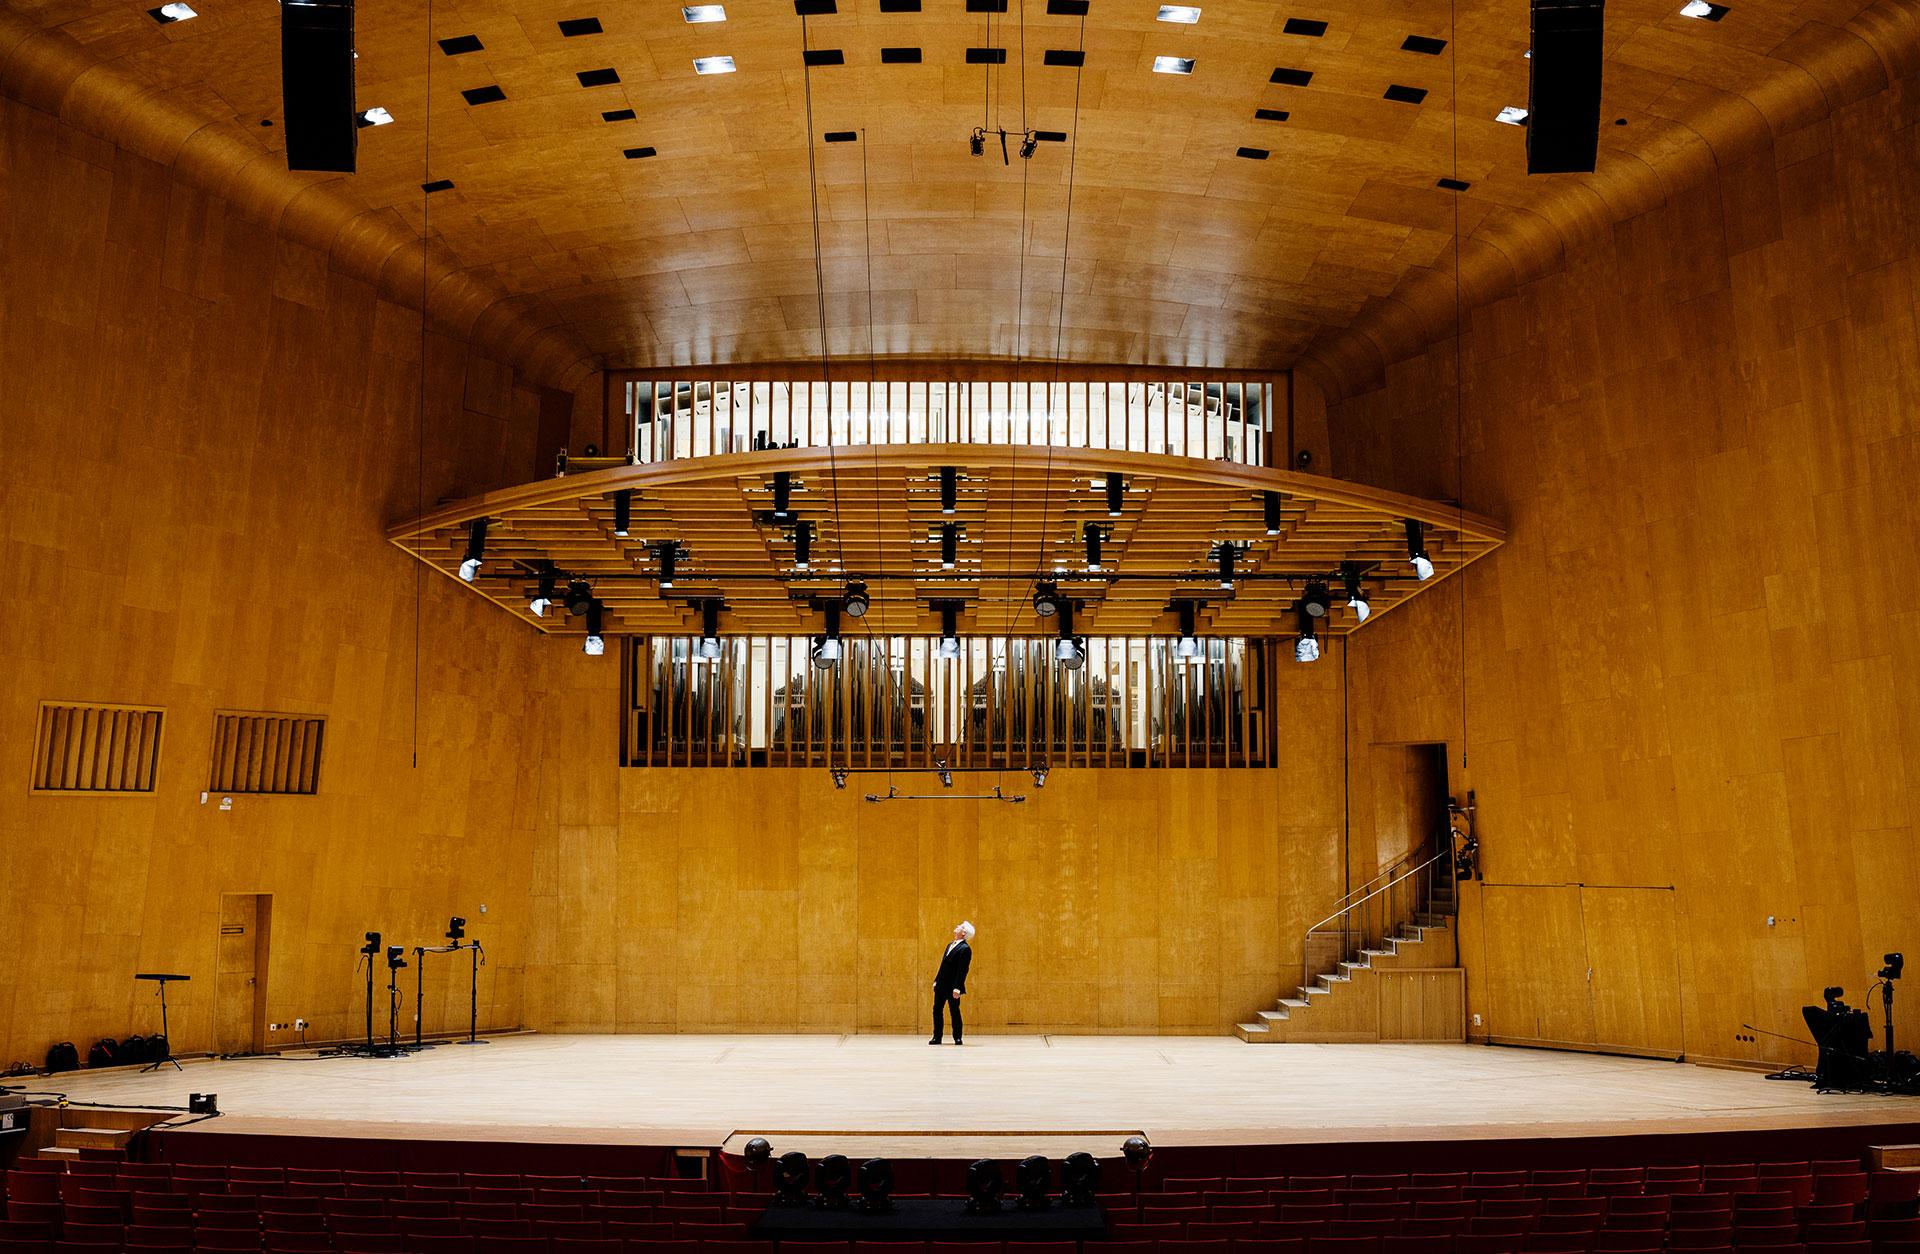 Konserthusorgeln syns mellan lammellerna längst fram i konsertsalen, ovanför scenen. På scenen står en man och blickar upp mot orgeln.